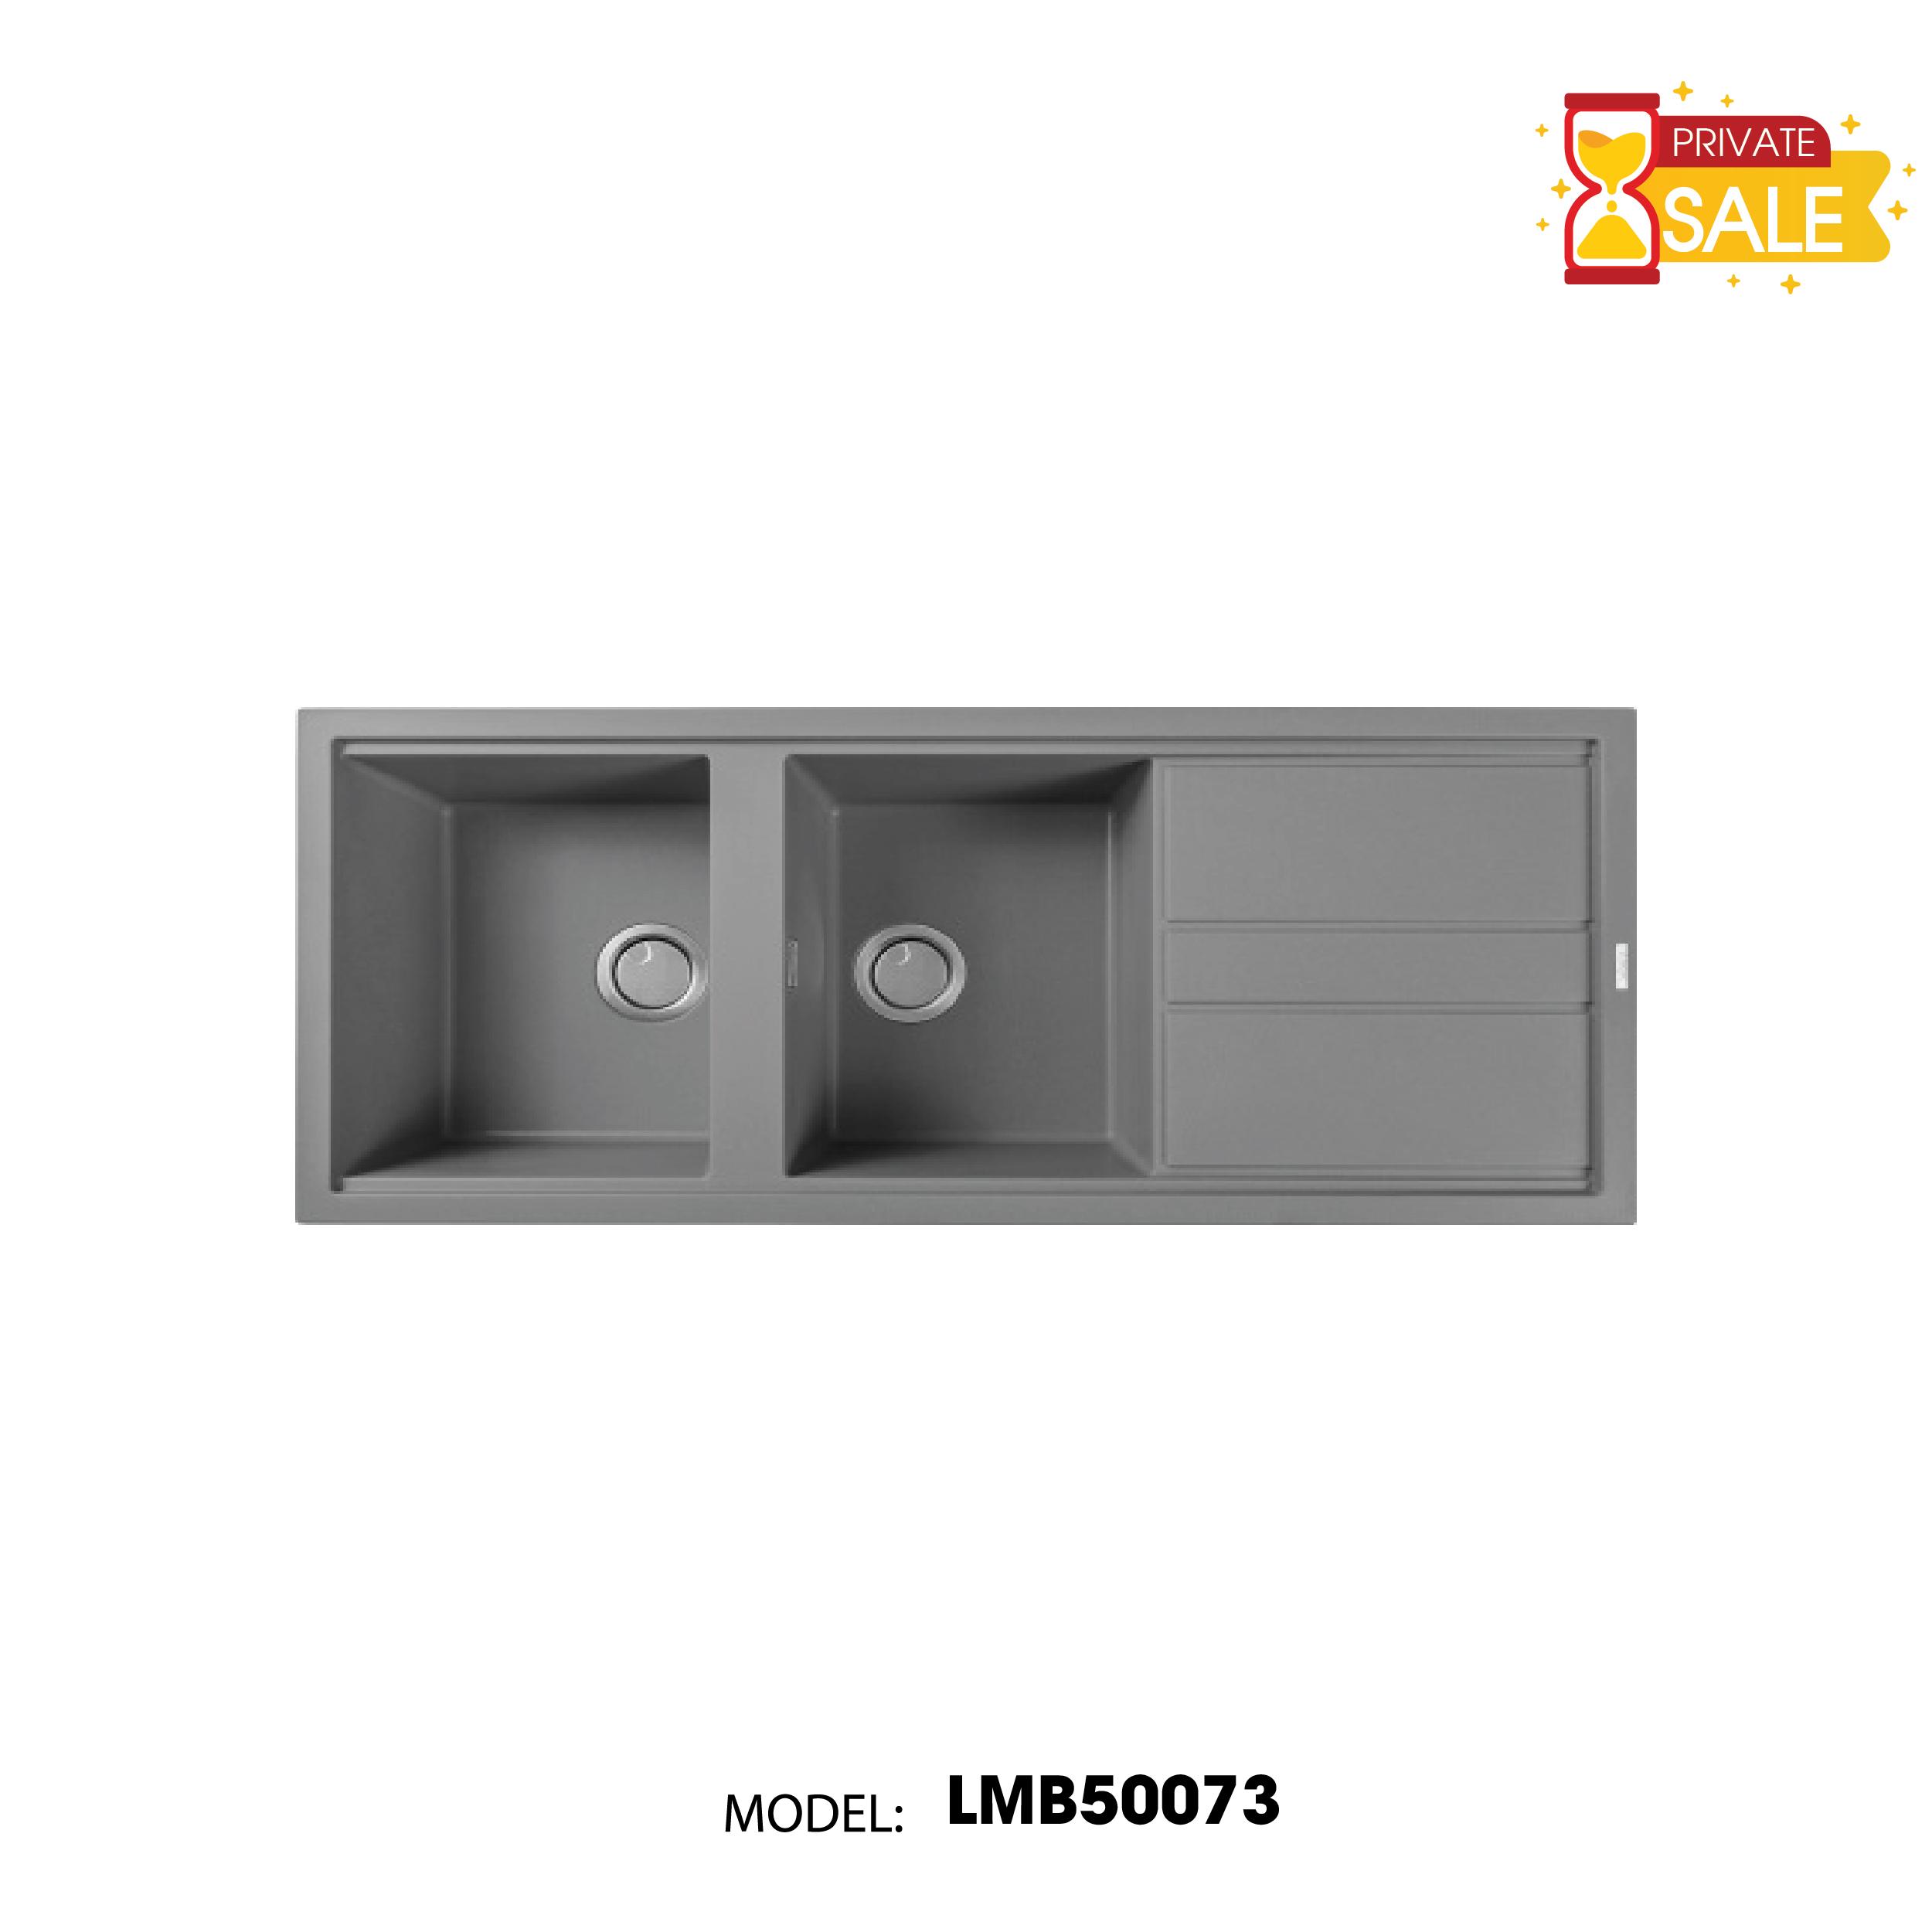 CHẬU ĐÁ TỰ NHIÊN ELLECI MODEL BEST 500 LMB50073